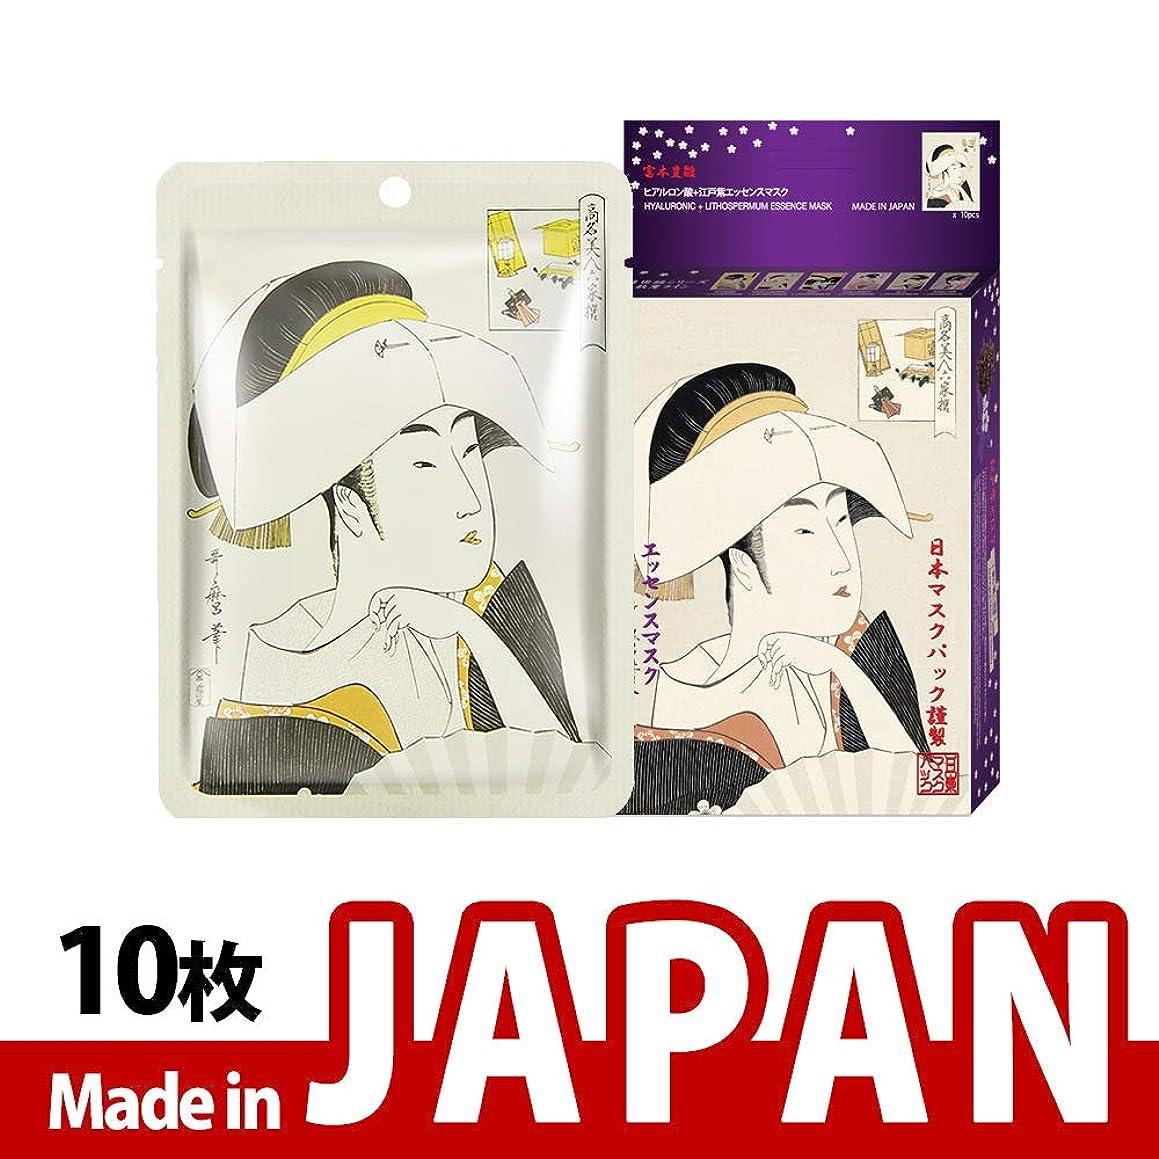 知的マニフェスト十分ですMITOMO【JP002-A-4】日本製ヒアルロン酸+紫根 集中保湿 シートマスク/10枚入り/10枚/美容液/マスクパック/送料無料